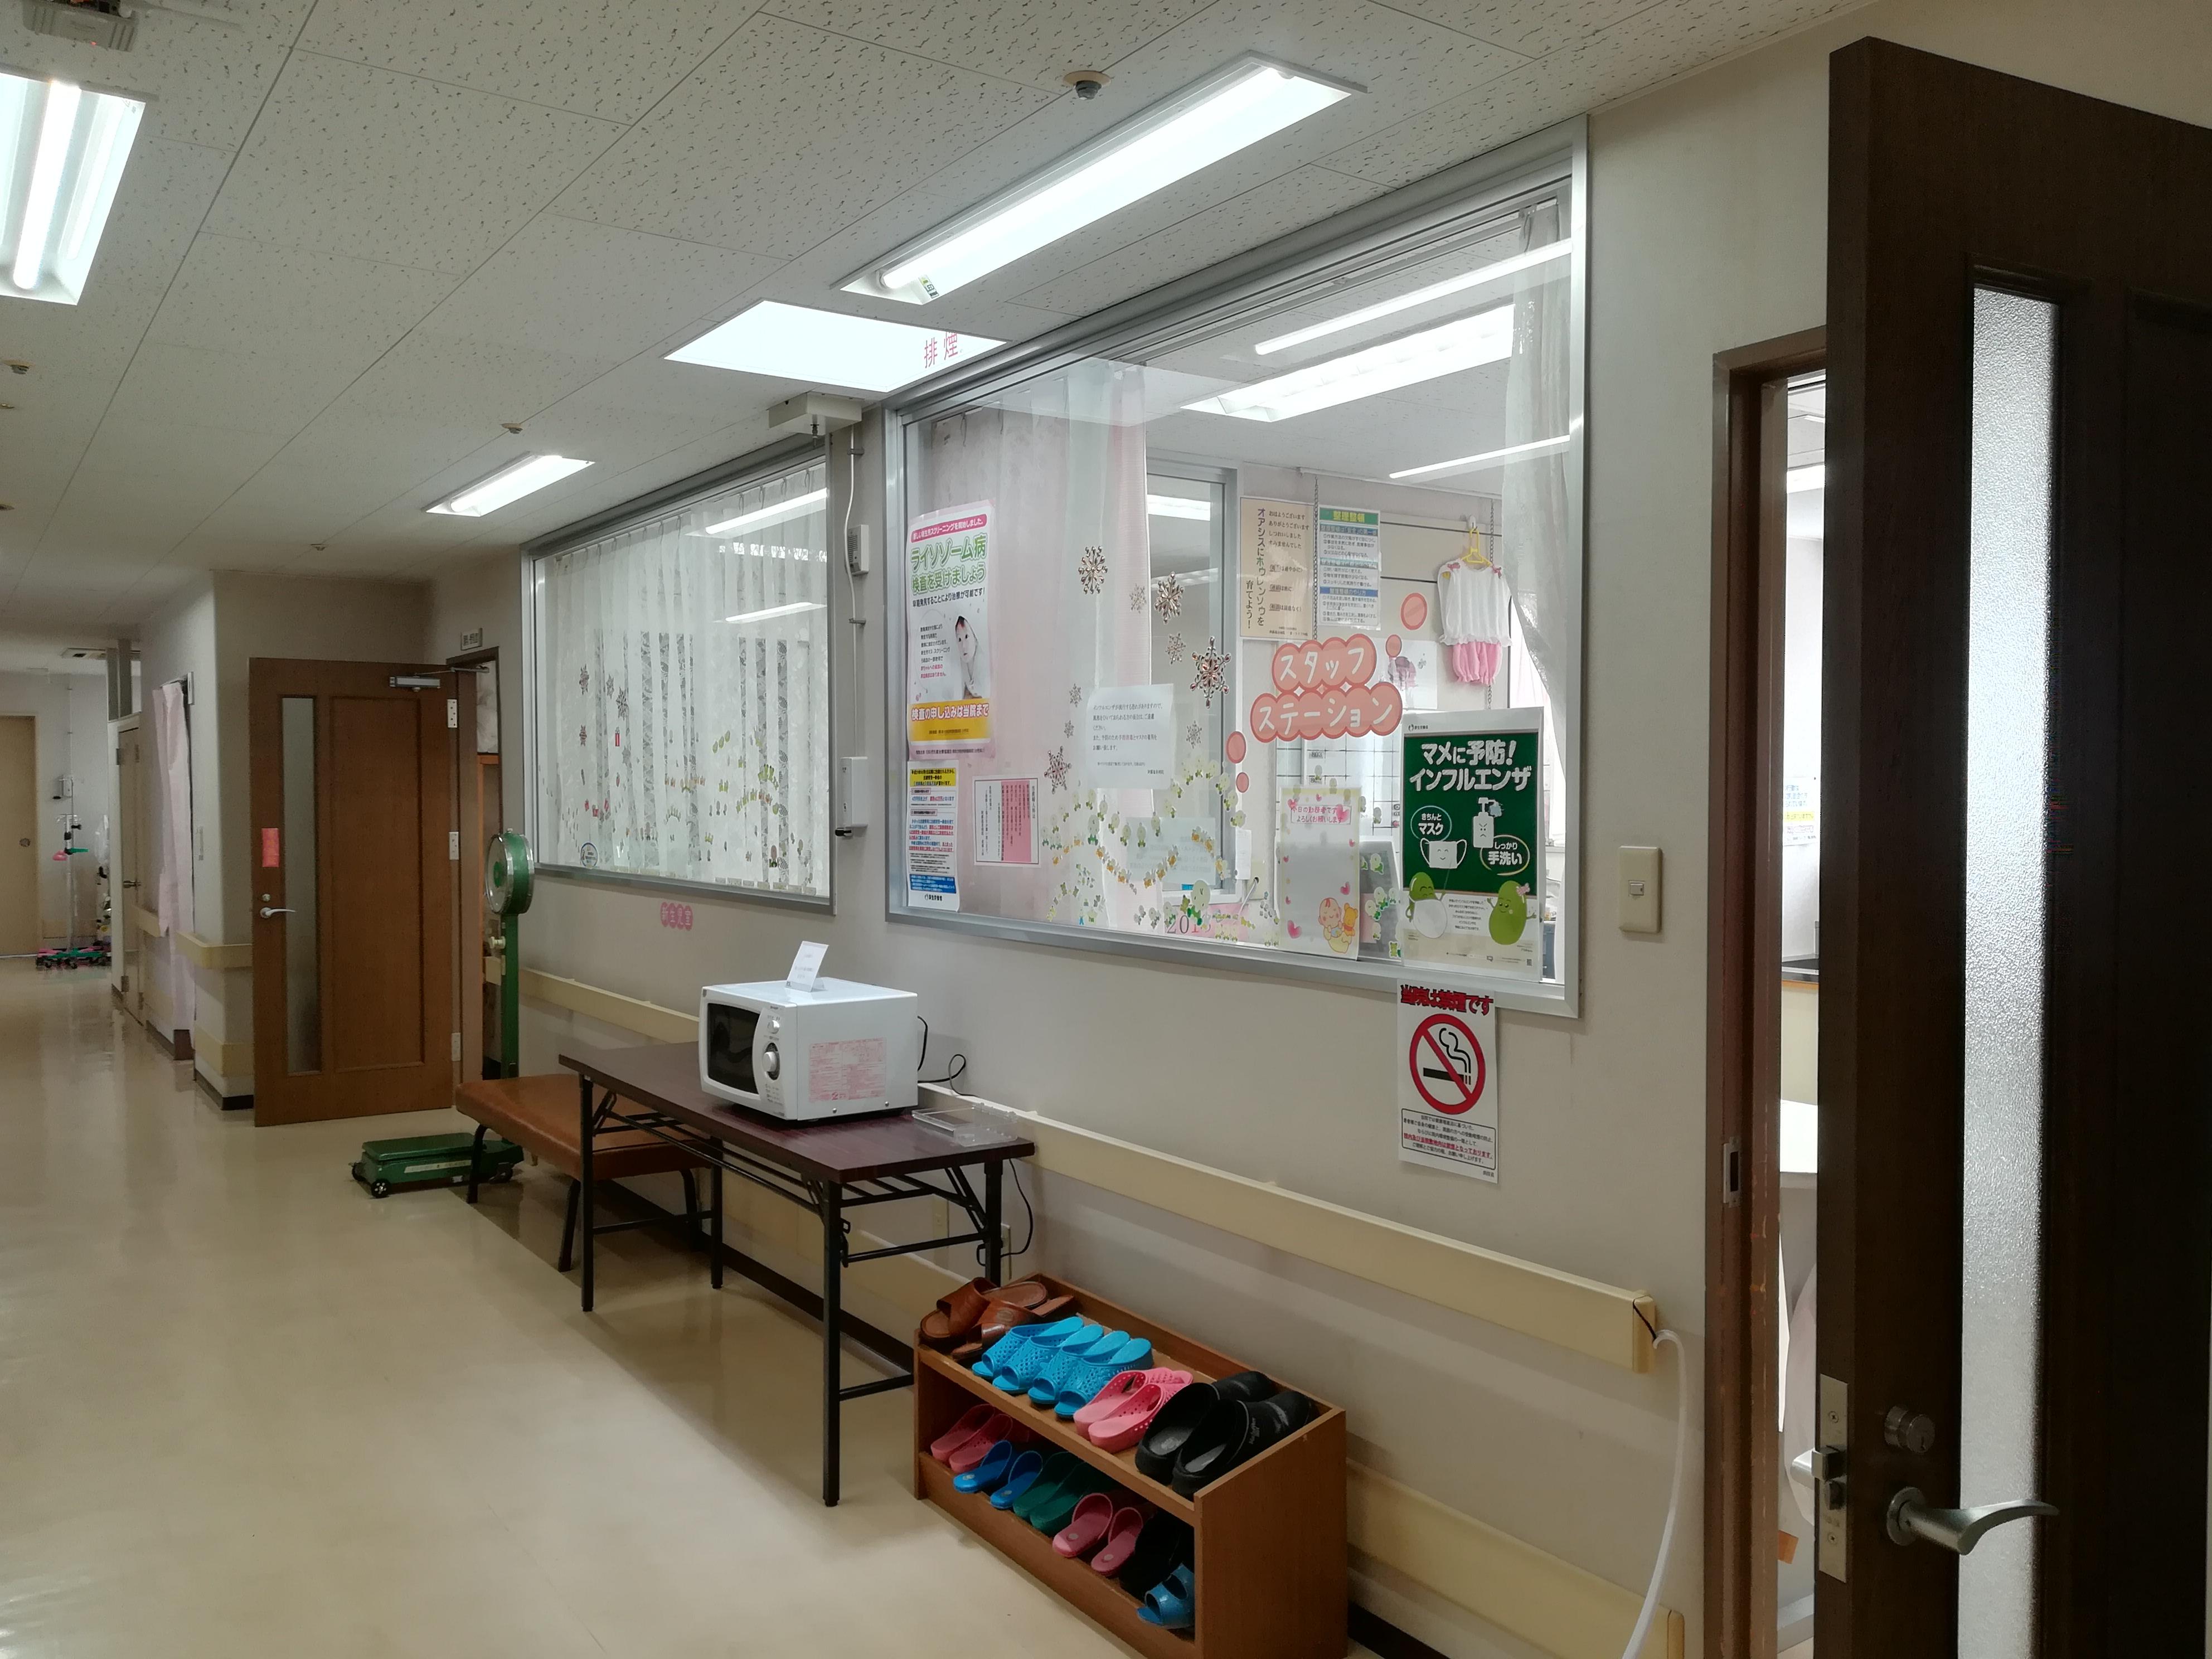 阿蘇温泉病院の産婦人科のナースステーション